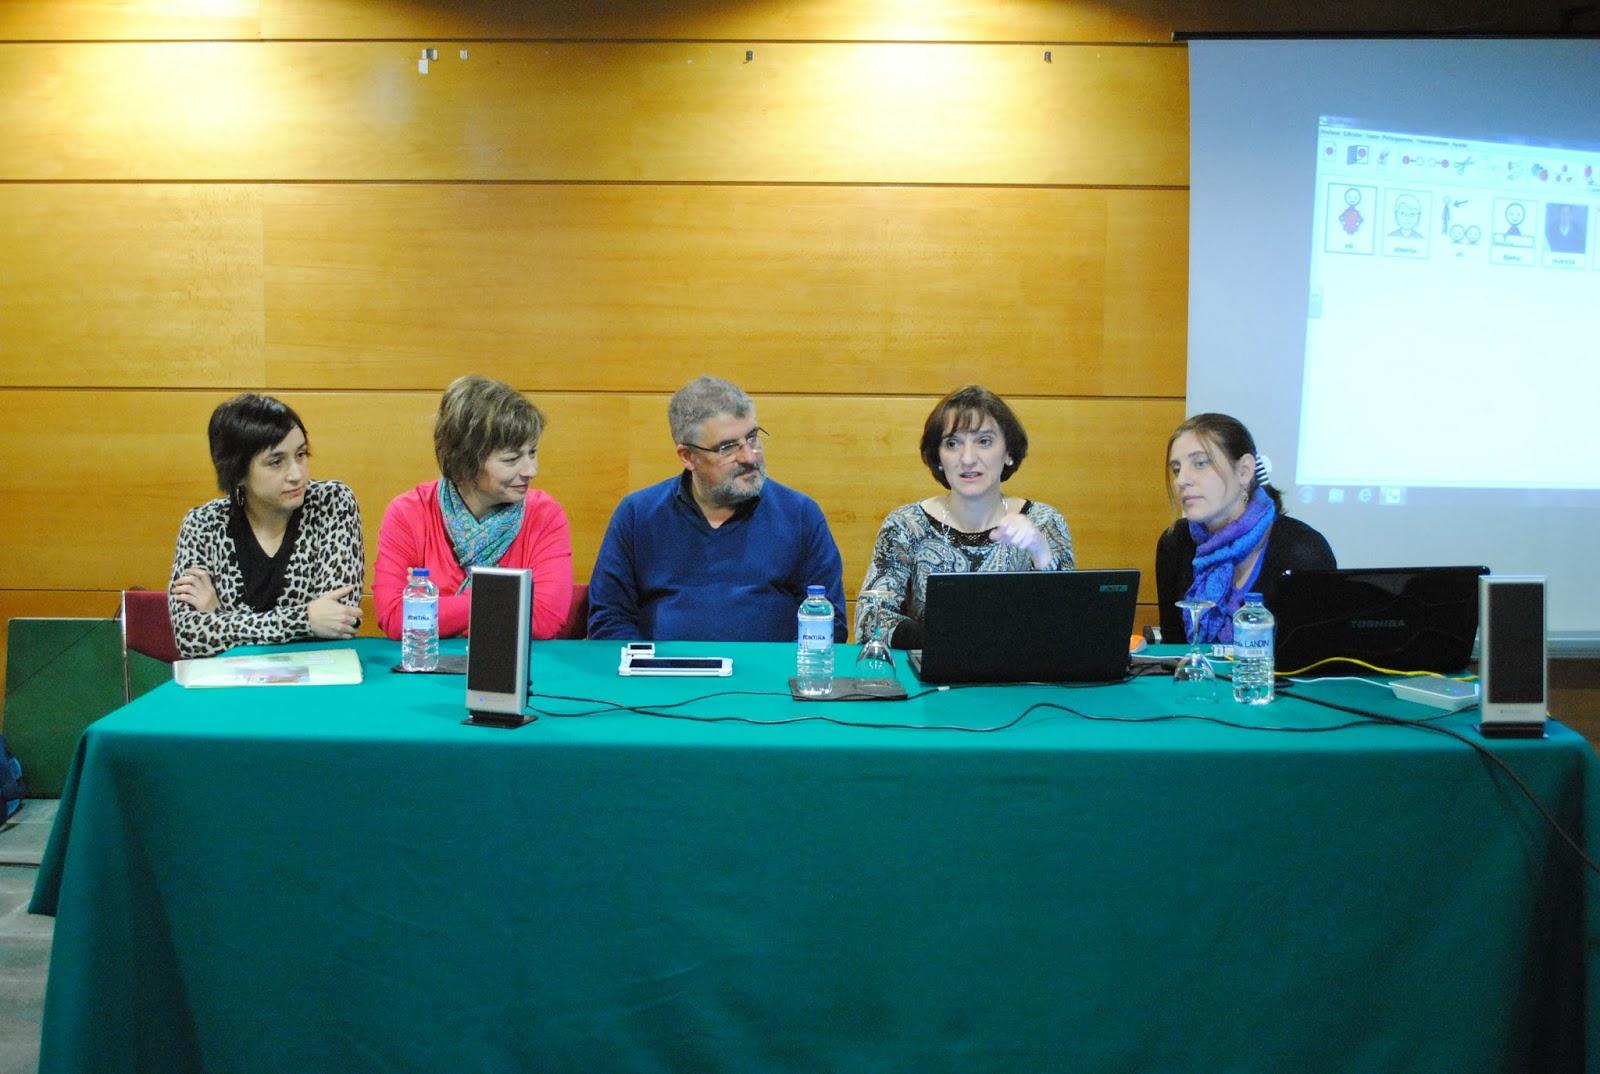 Imagen de todos los ponentes sentados a la mesa de exposición.